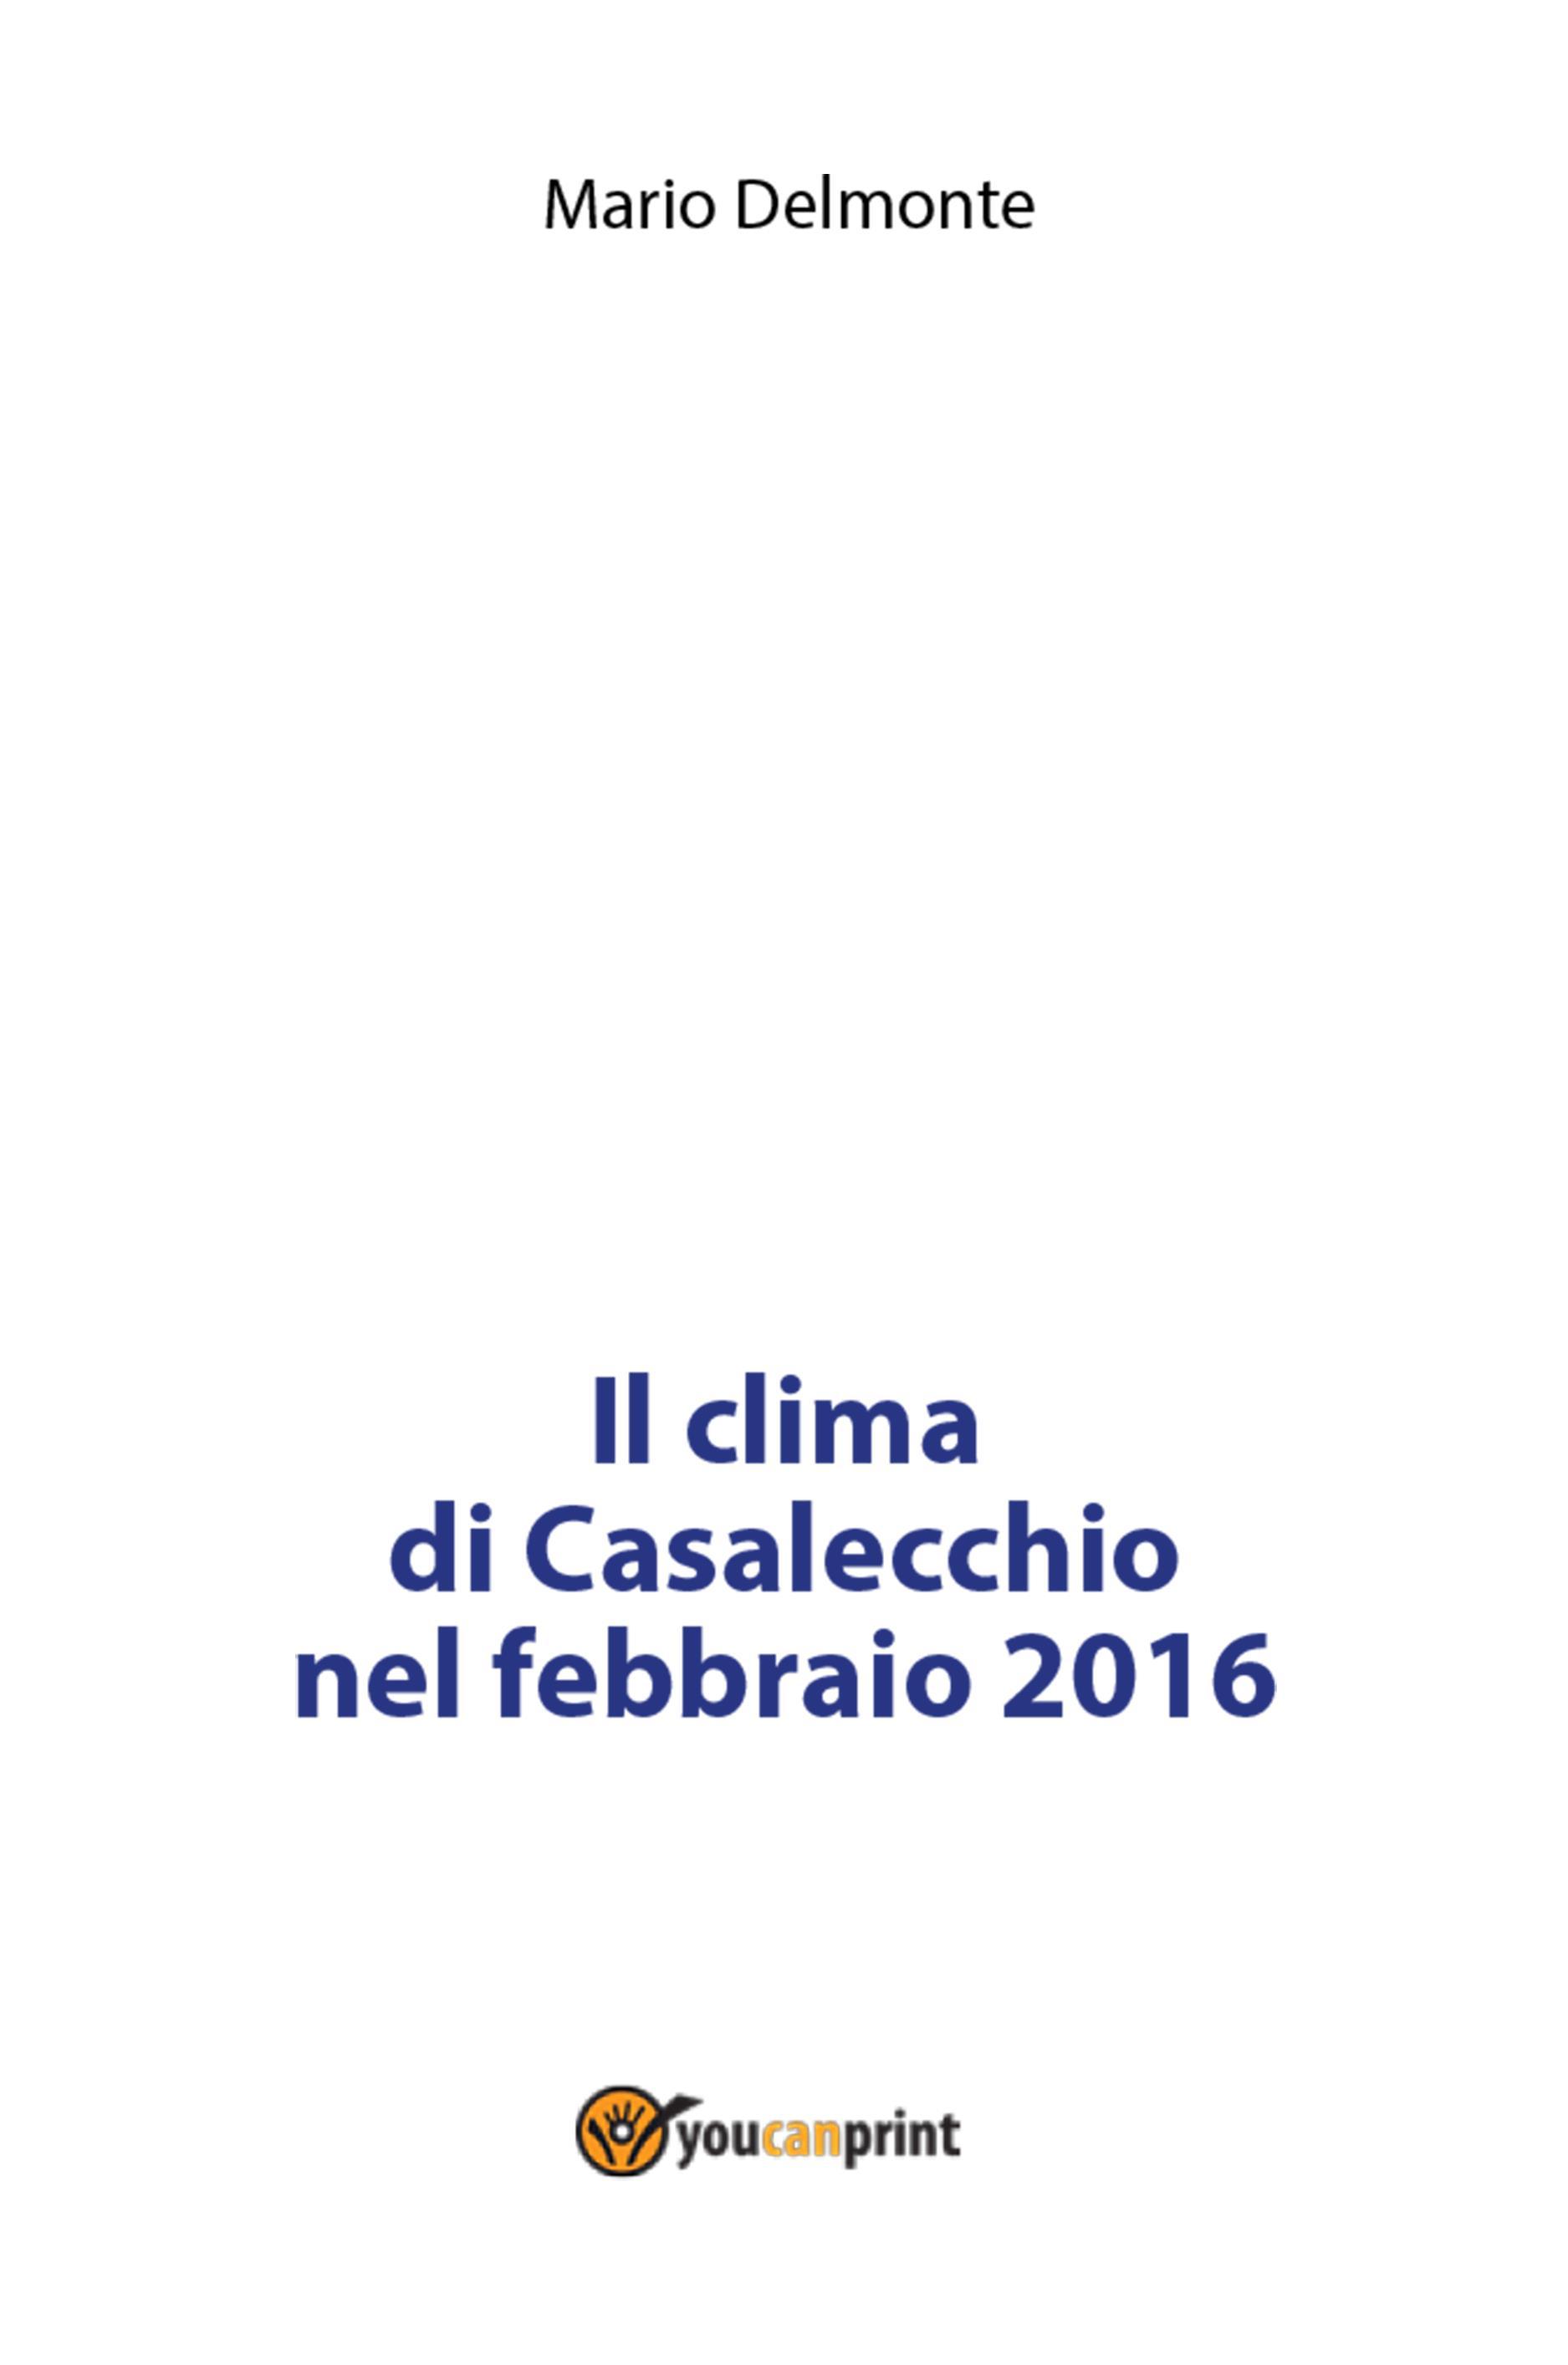 Il clima di Casalecchio nel febbraio 2016